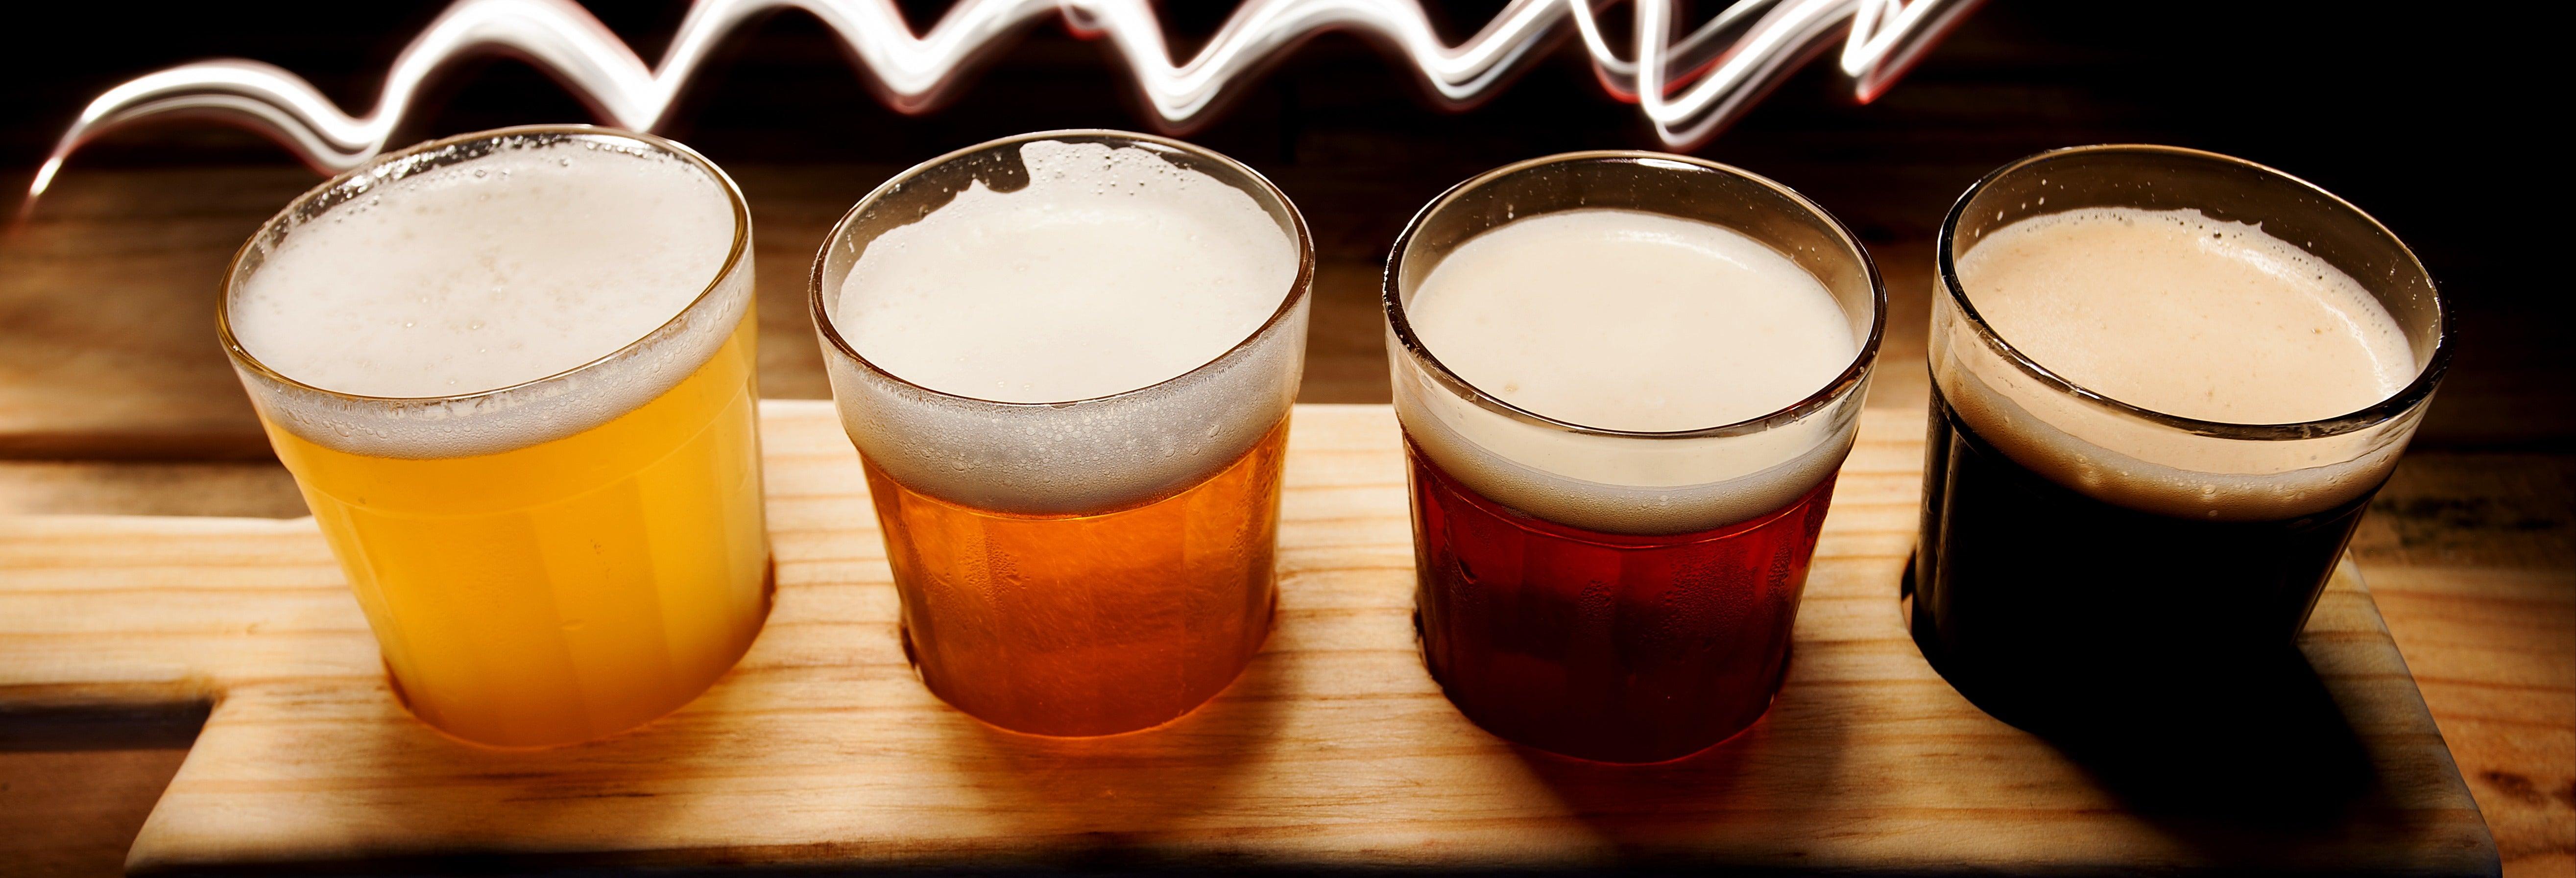 Visite autour de la bière artisanale à Bogota